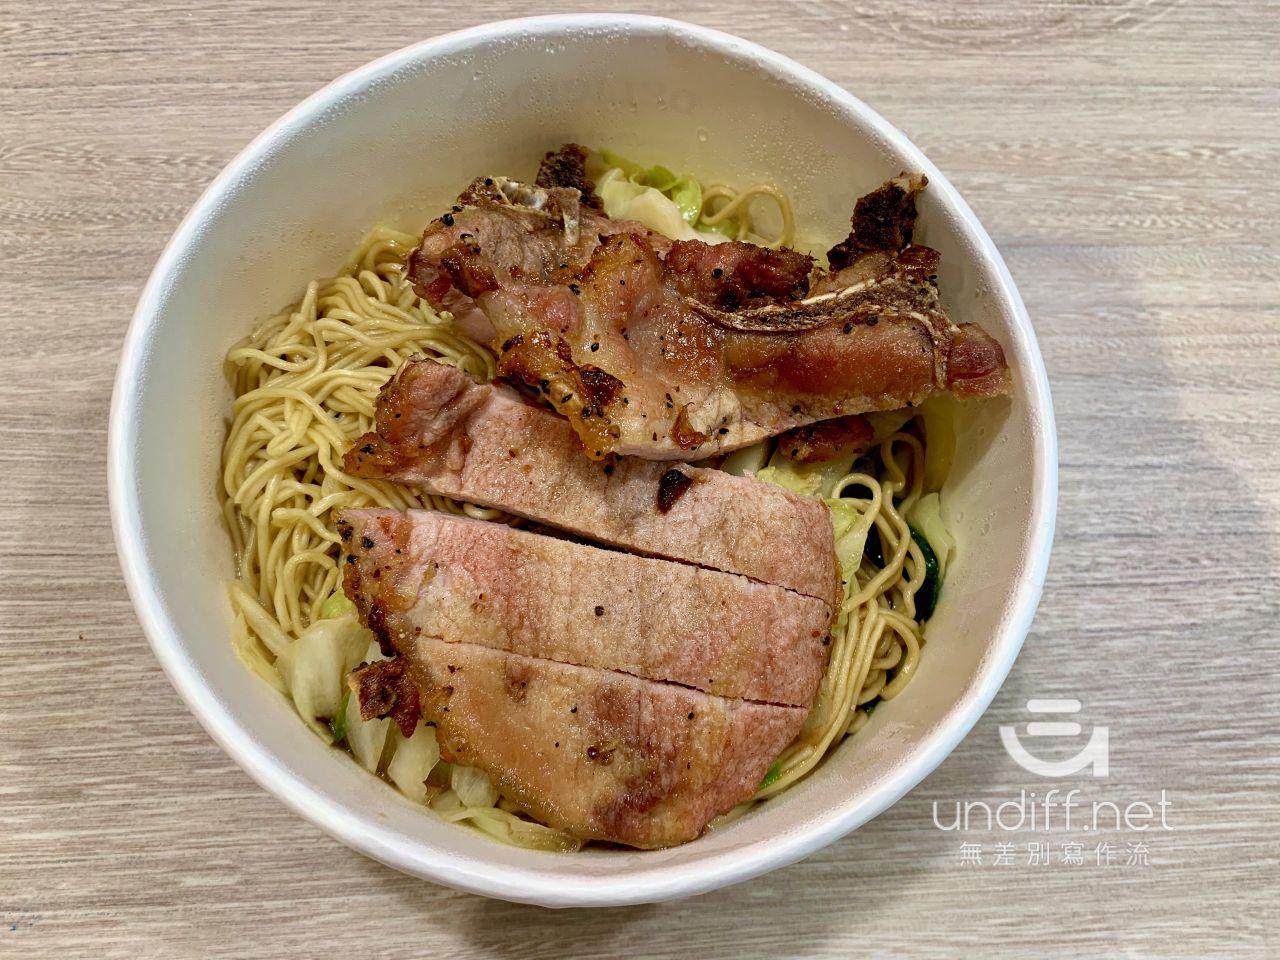 【內湖 訂便當日記】日嚐 Taste&Enjoy 南洋風味料理 56